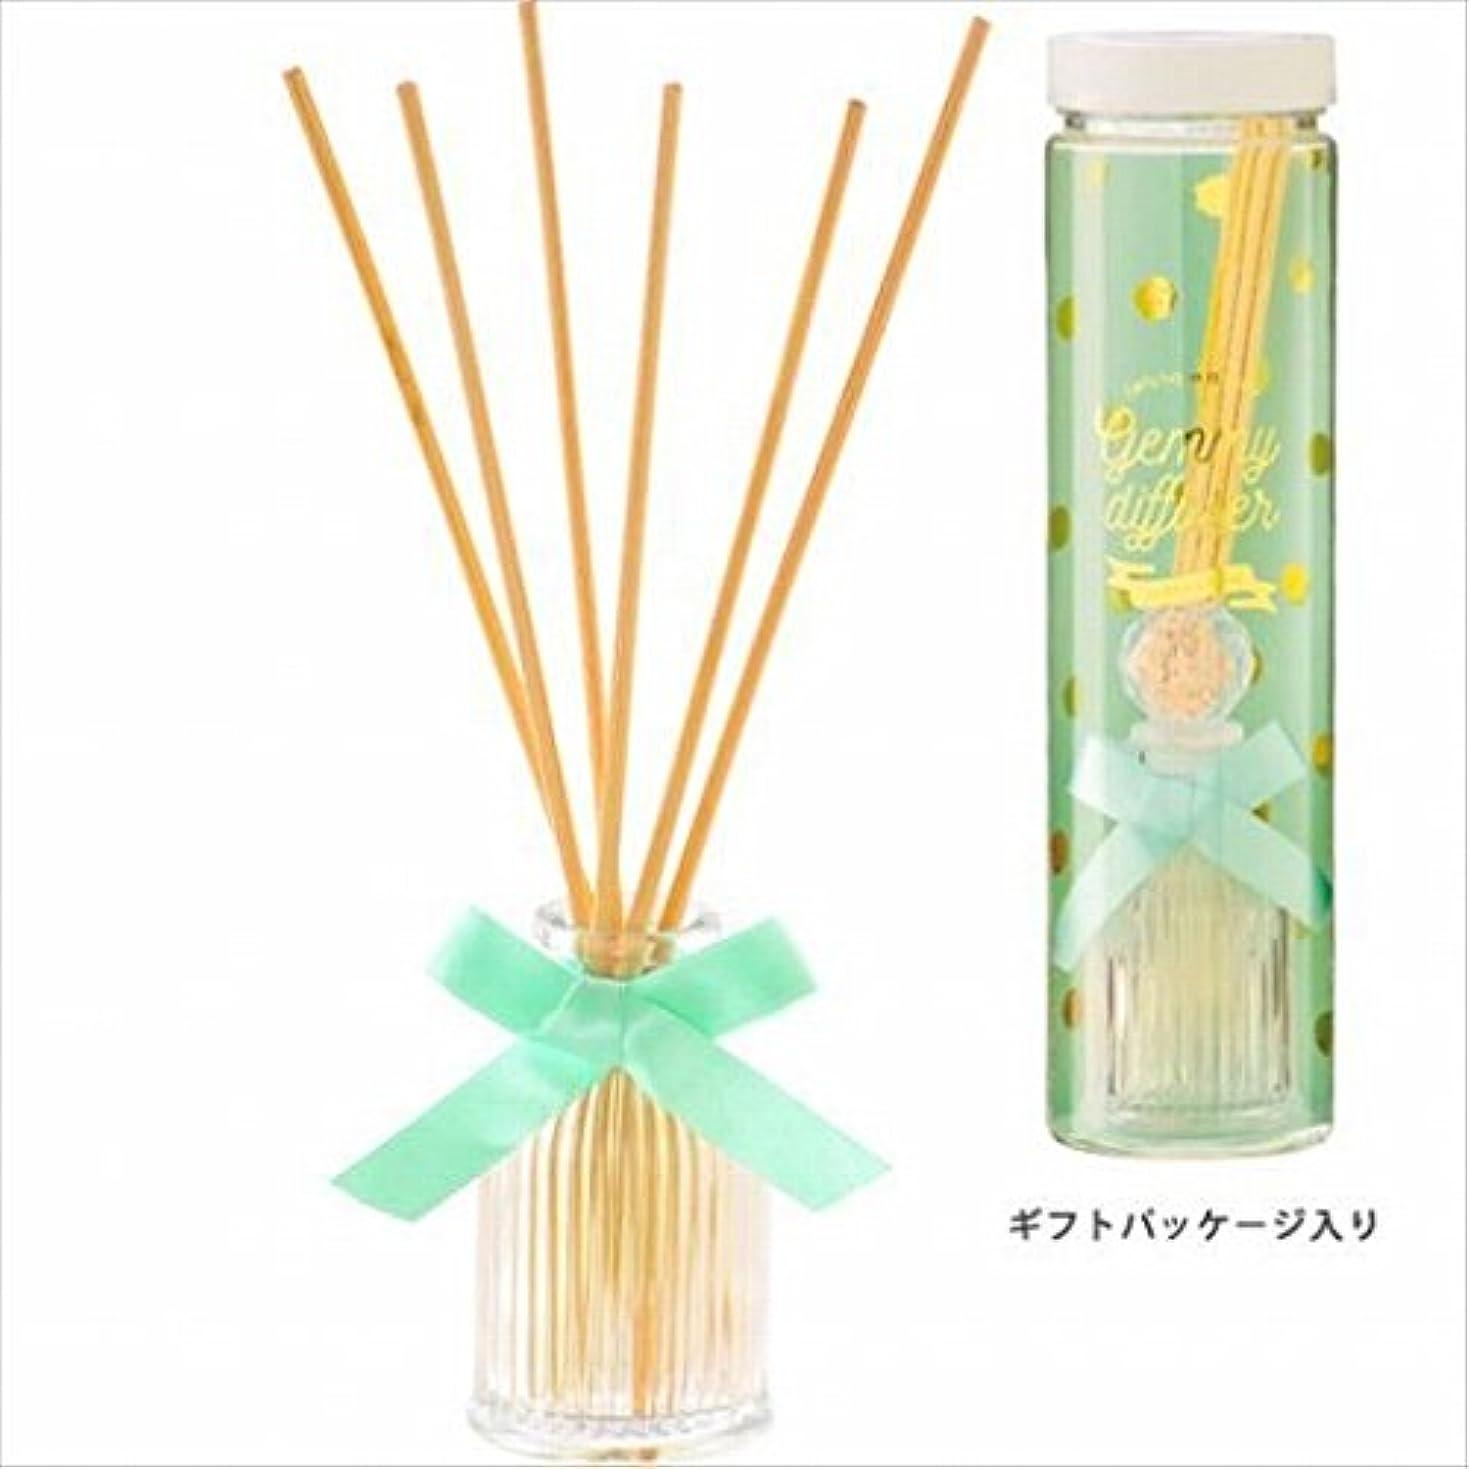 怖いローン与えるカメヤマキャンドル(kameyama candle) GEMMY (ジェミー) ディフューザー 「 タイム 」6個セット